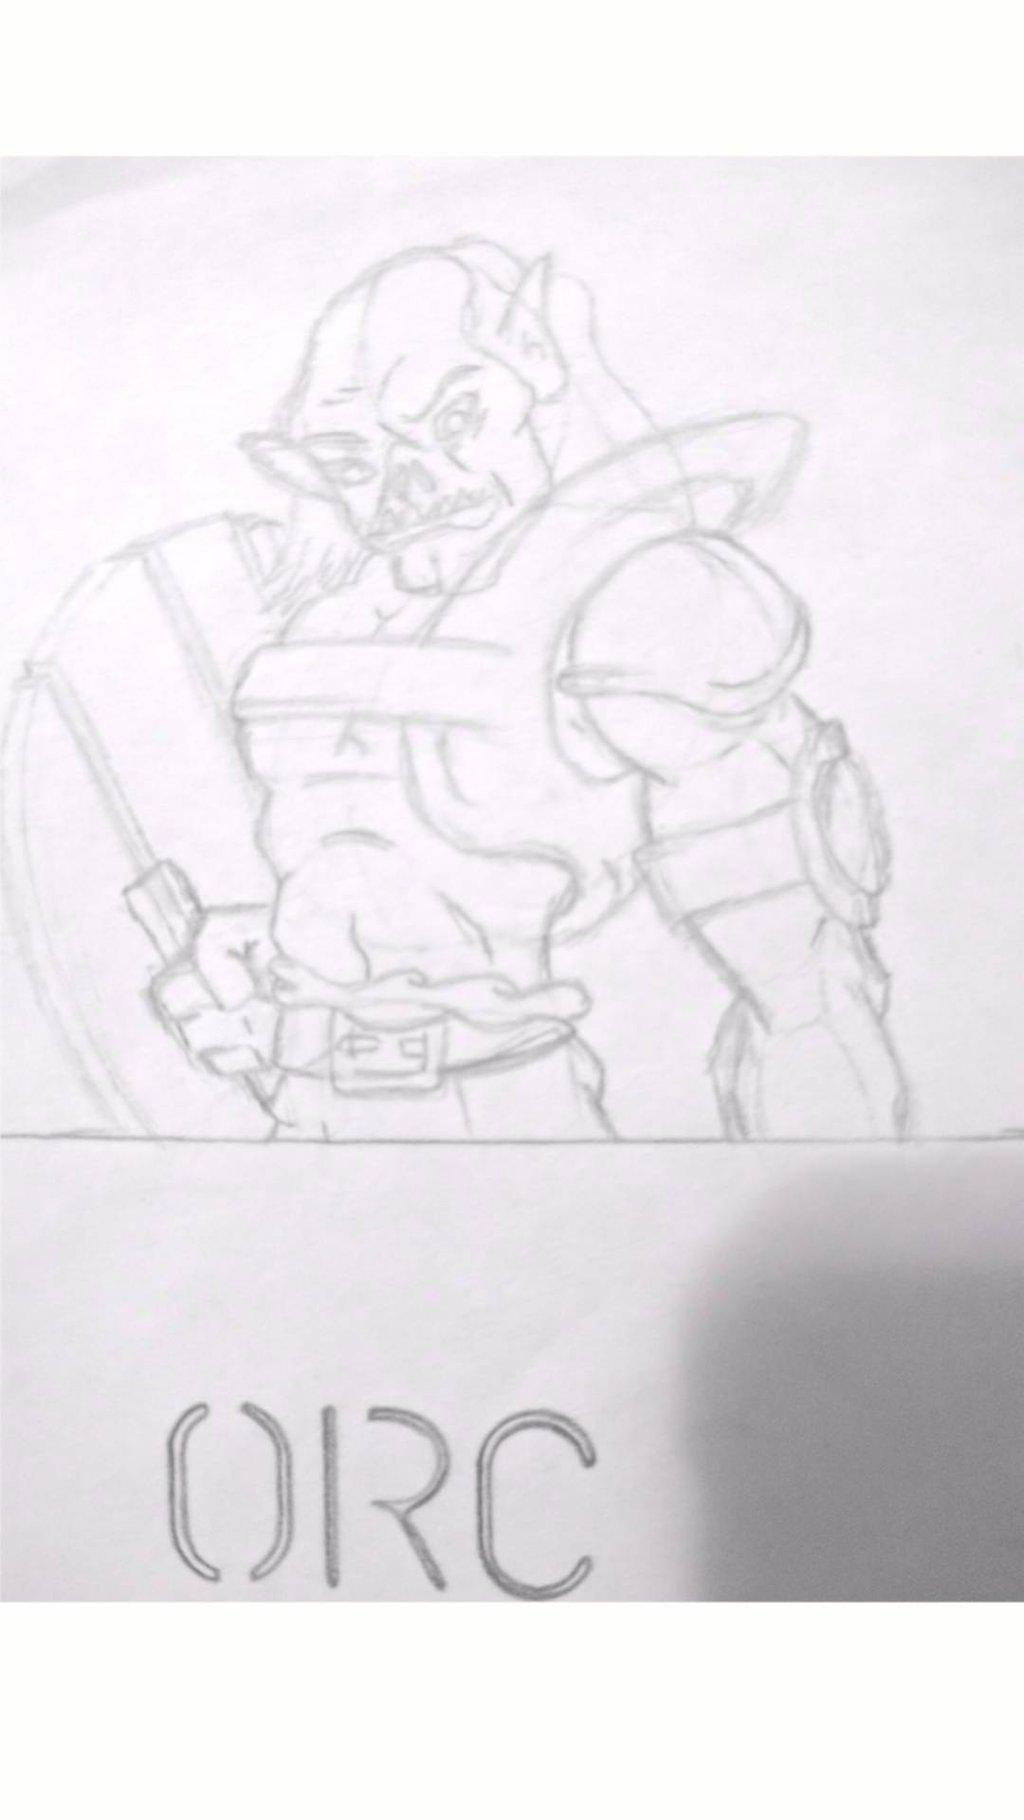 Drawn orc white Linework) DallinLemon linework) Drawn (rough